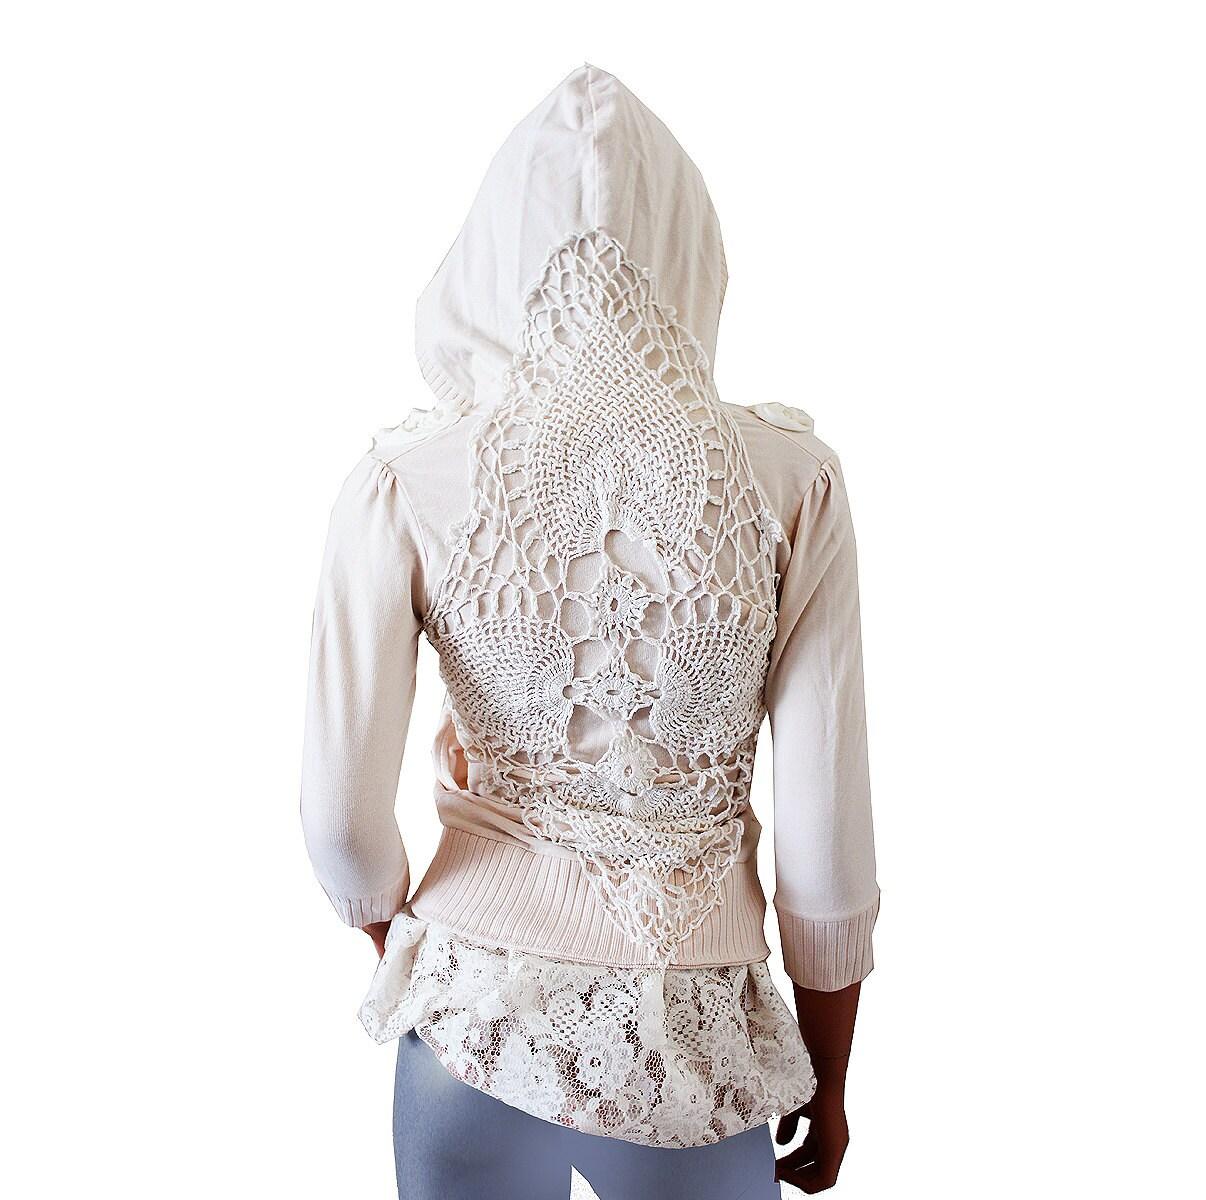 Shabby Hoodie Upcycled Clothing Boho Romantic Off White